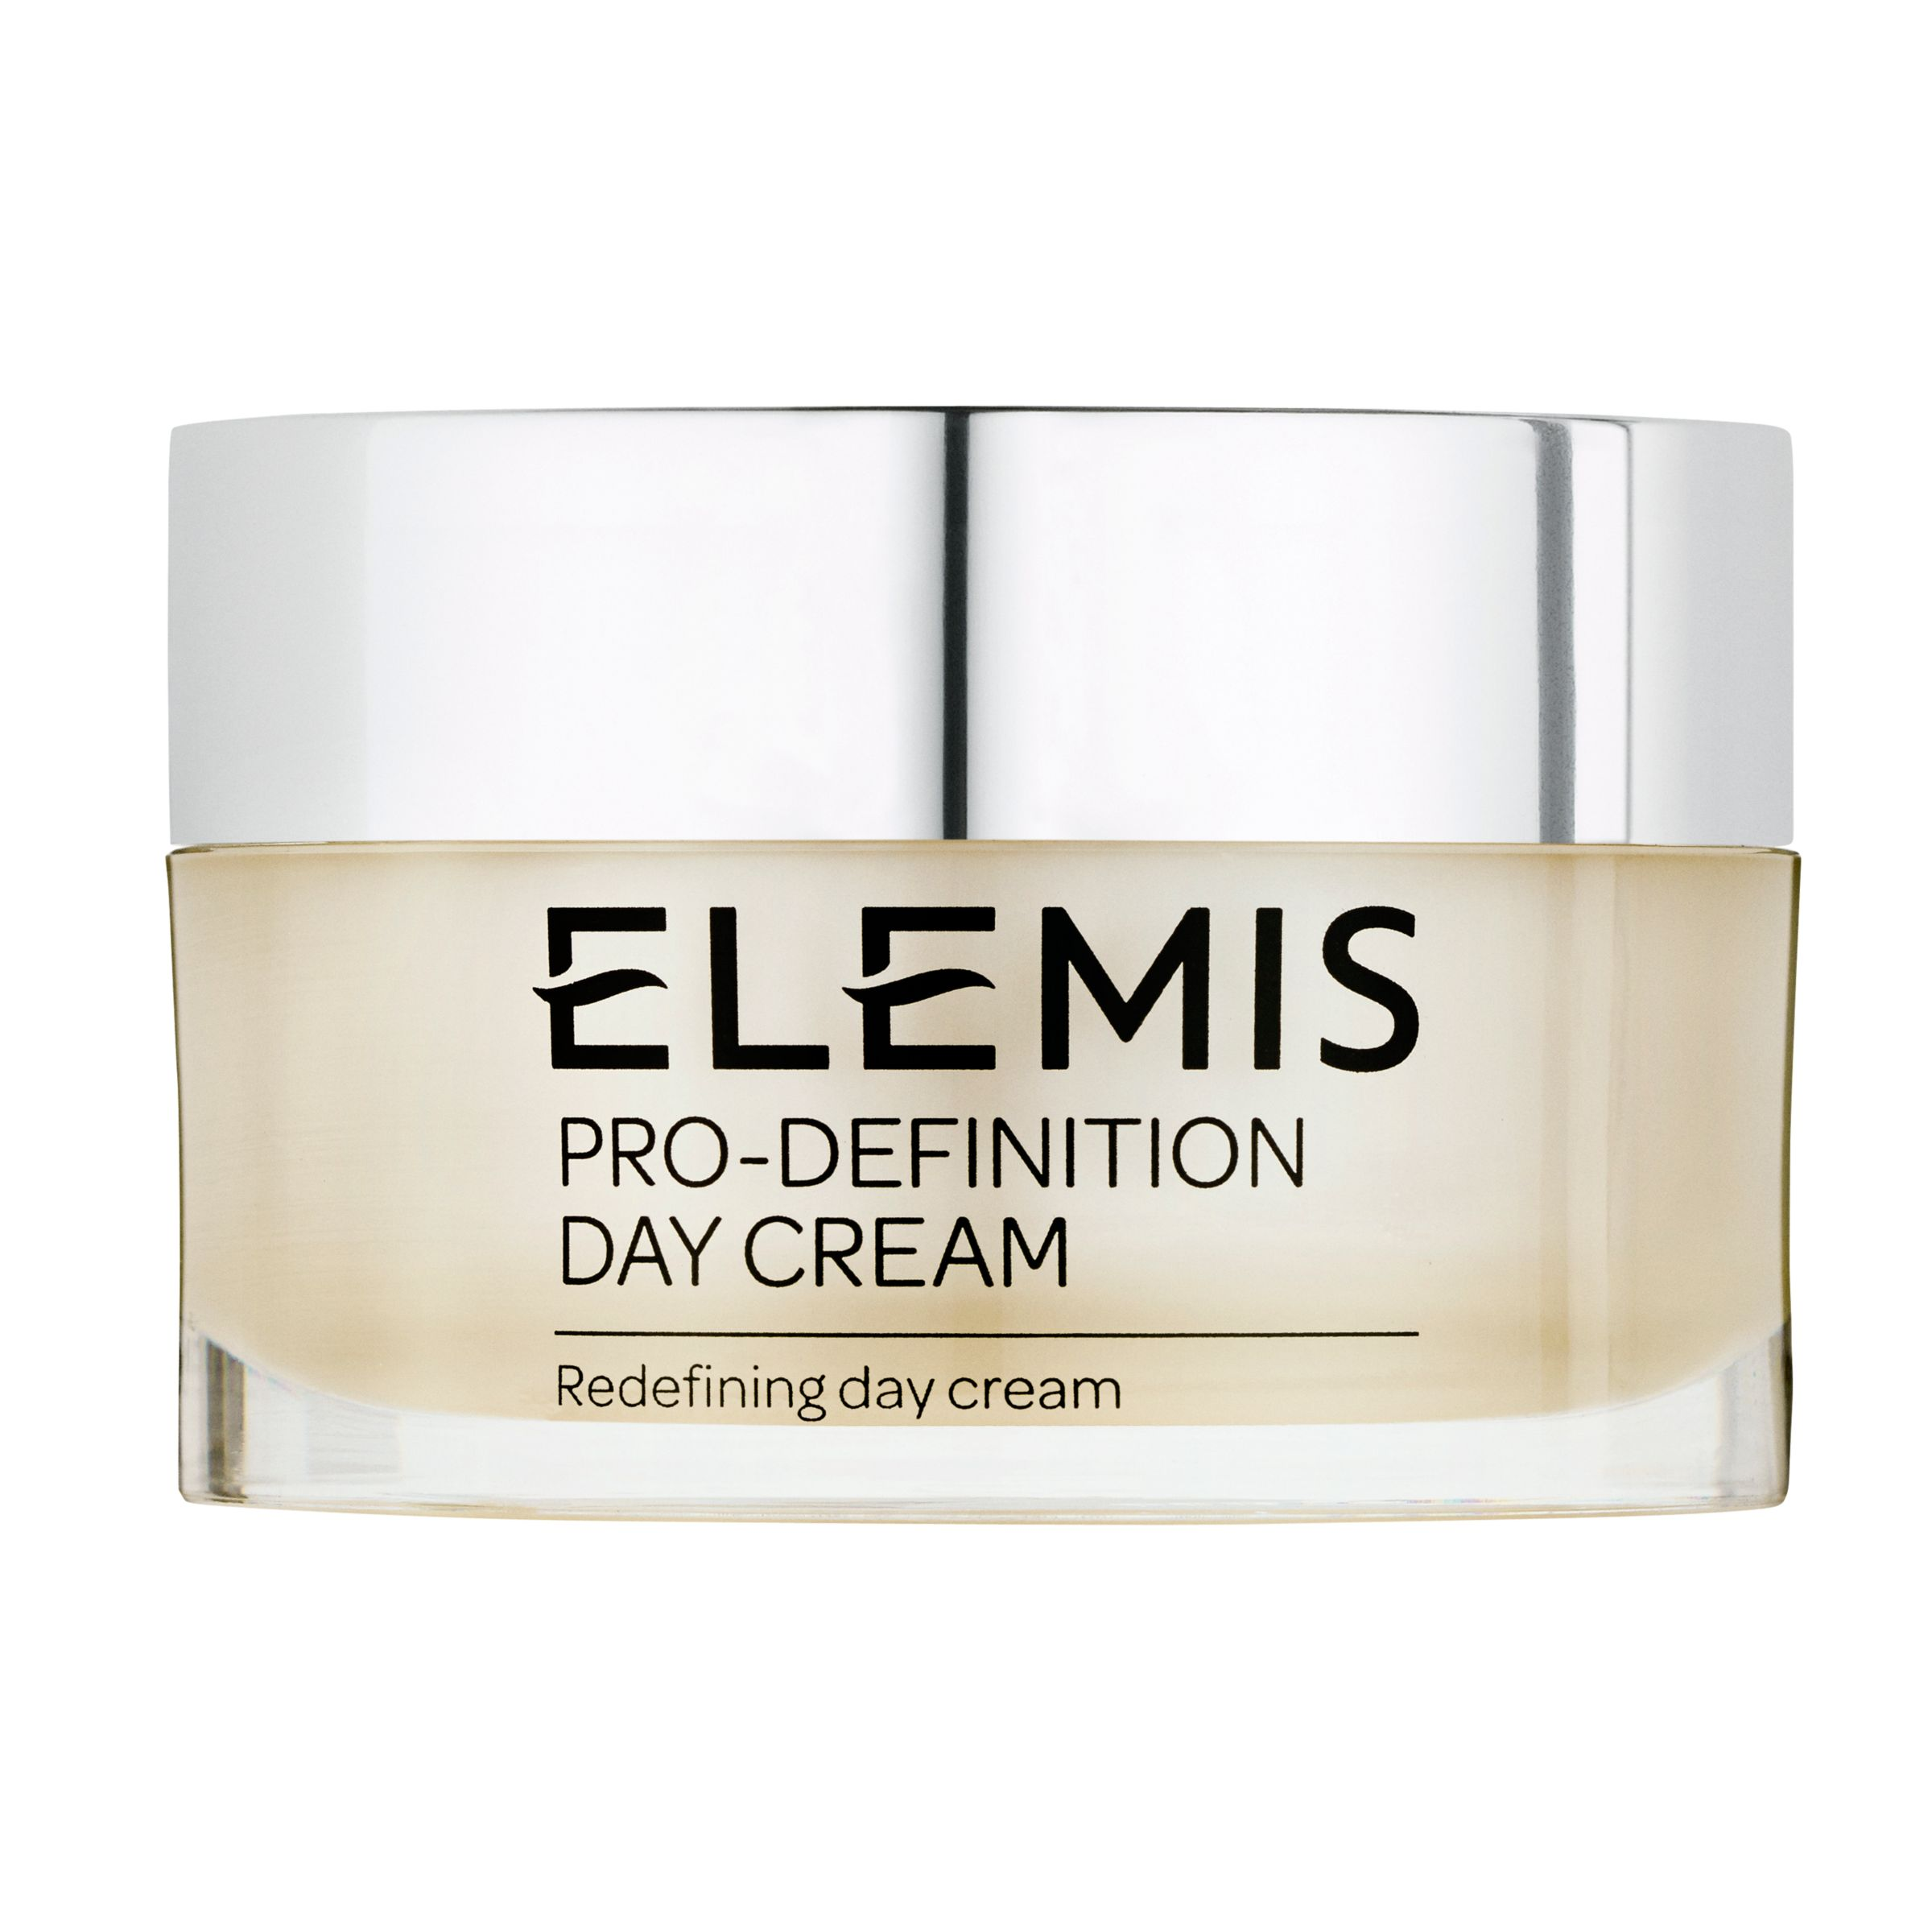 Elemis Elemis Pro-Definition Day Cream, 50ml